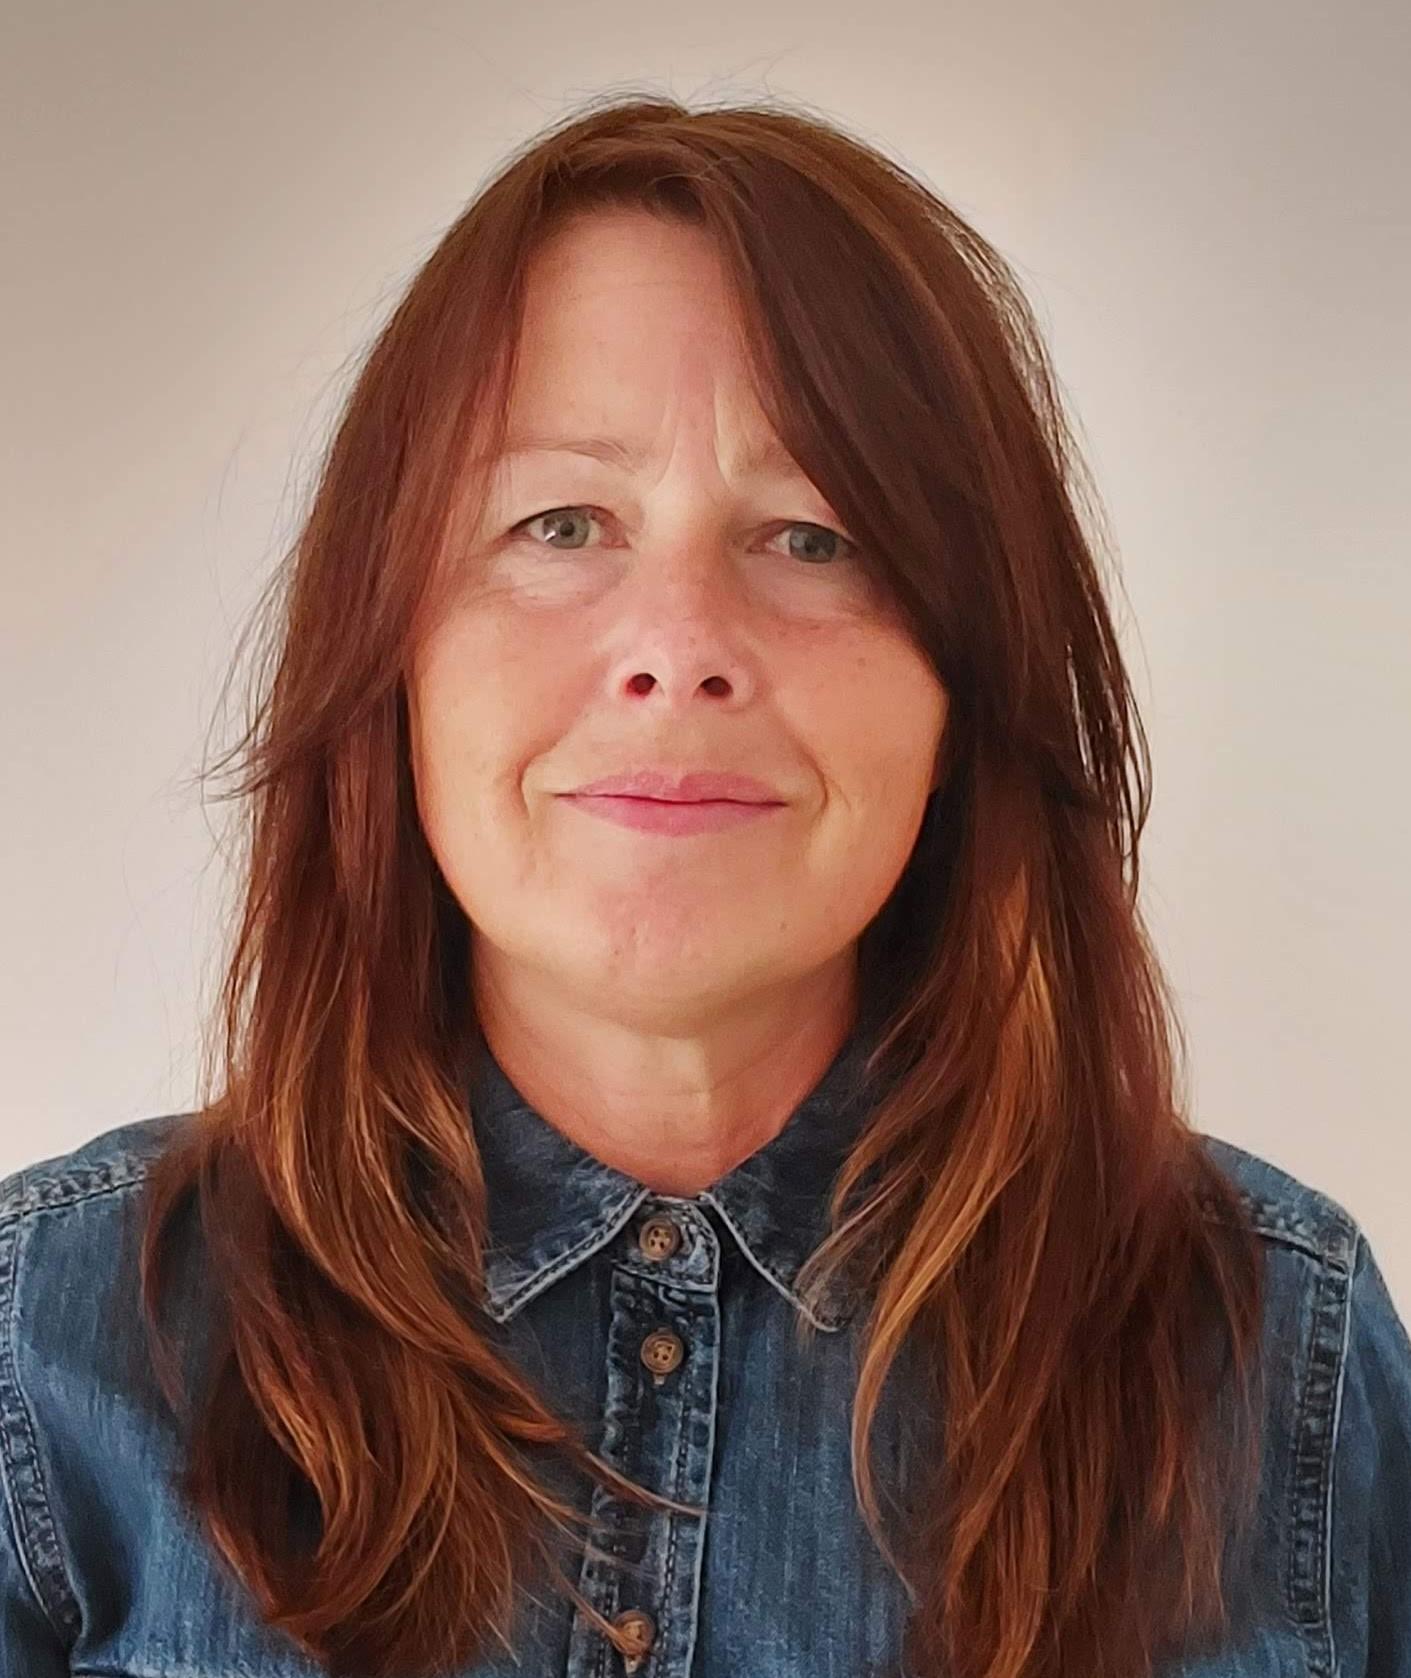 Lara Cresswell